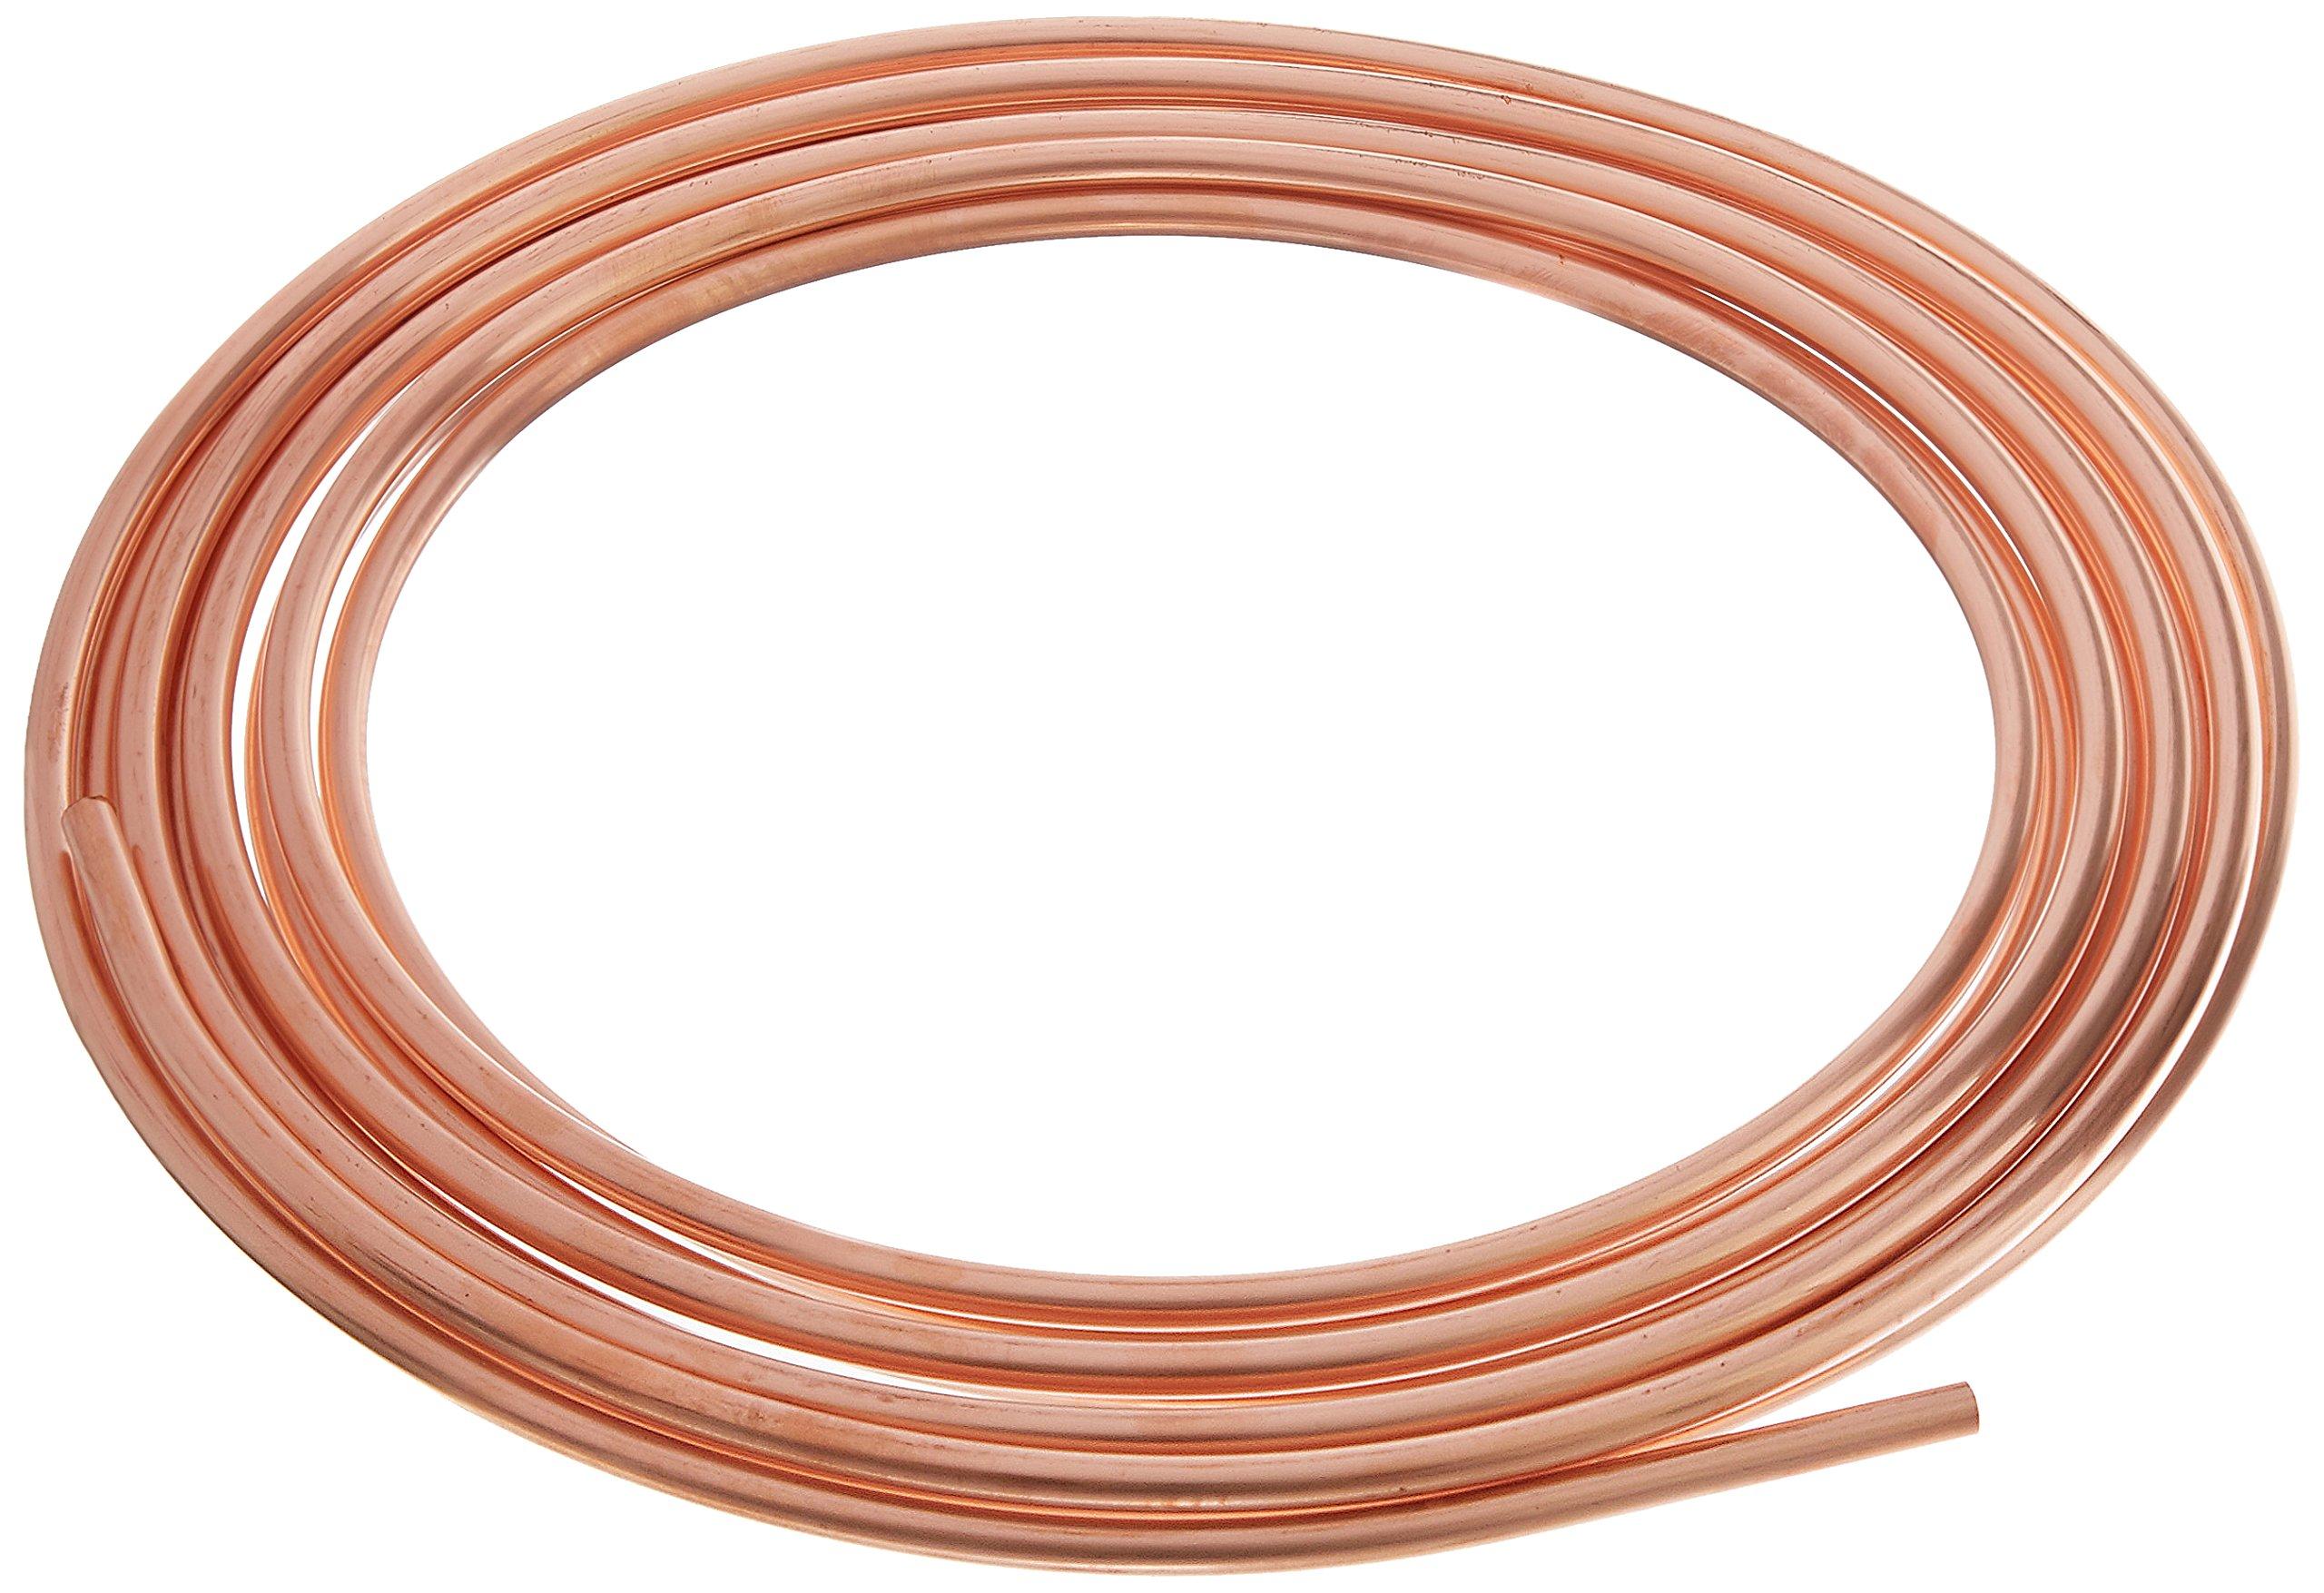 Homewerks Worldwide llc cu04020 1/4'' O.D. x 20', Utility Grade, Copper Tube